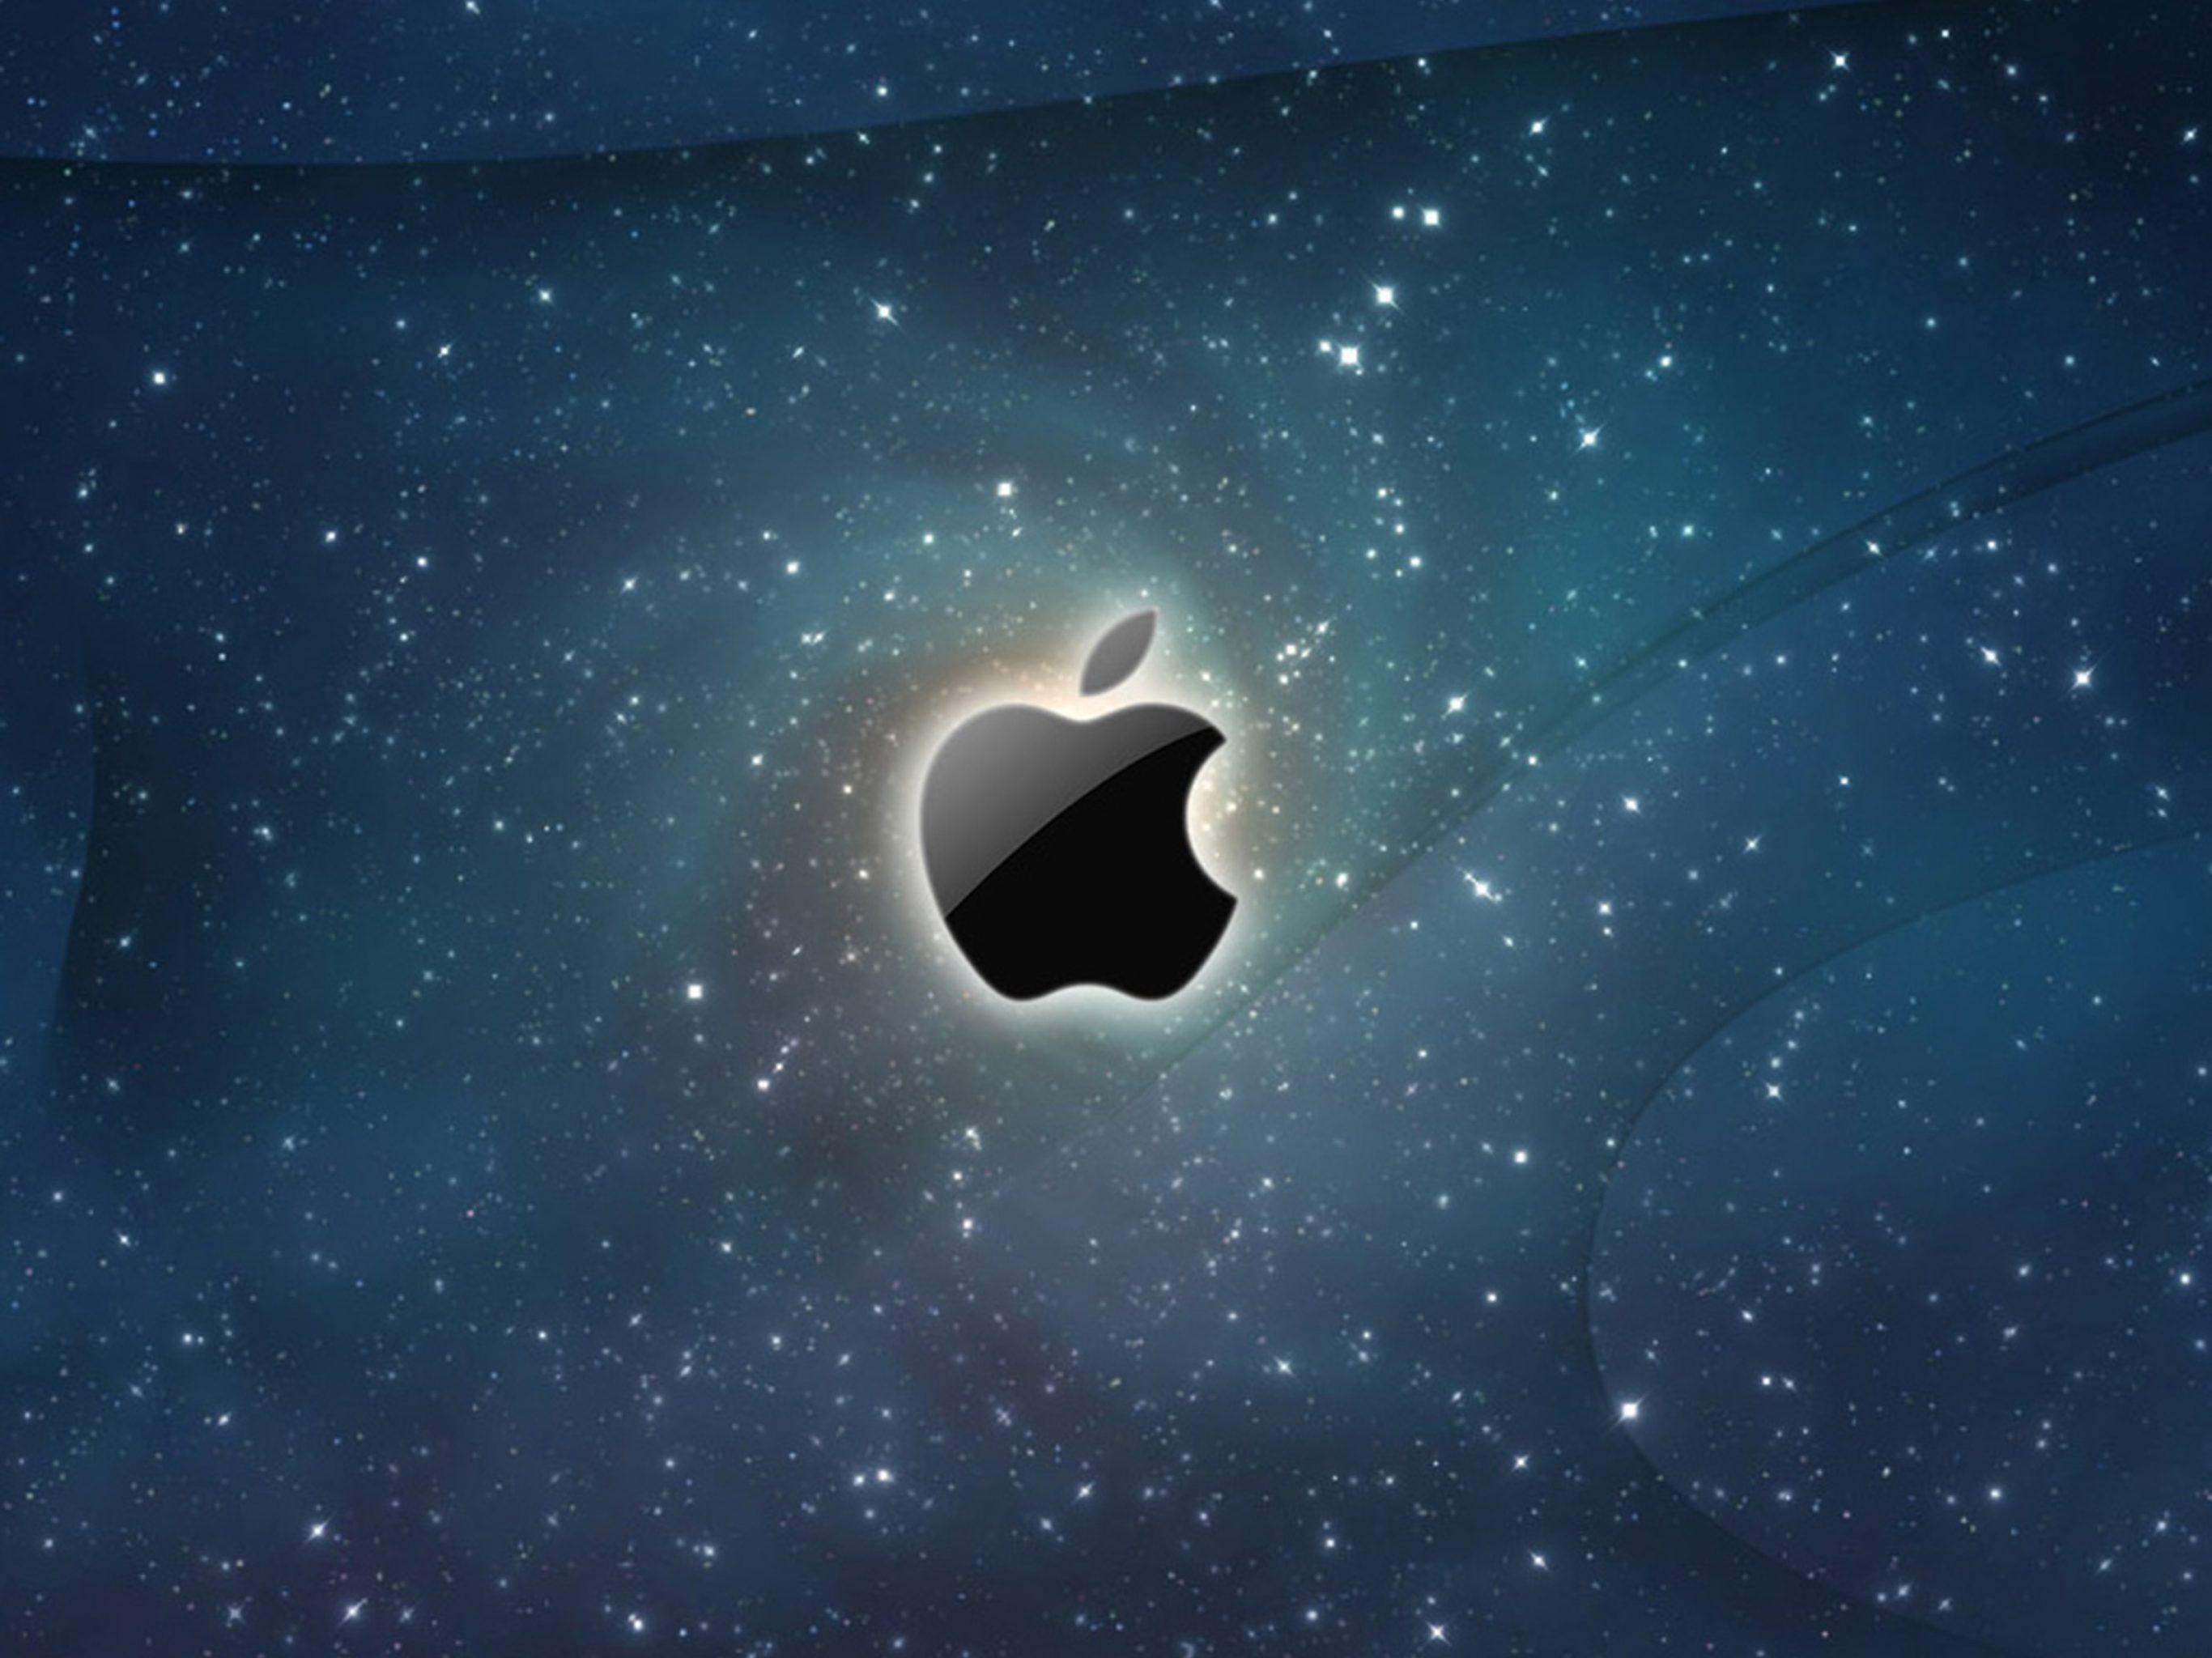 2732x2048 iPad air iPad Pro wallpapers Apple Space Ipad Wallpaper 2732x2048 pixels resolution